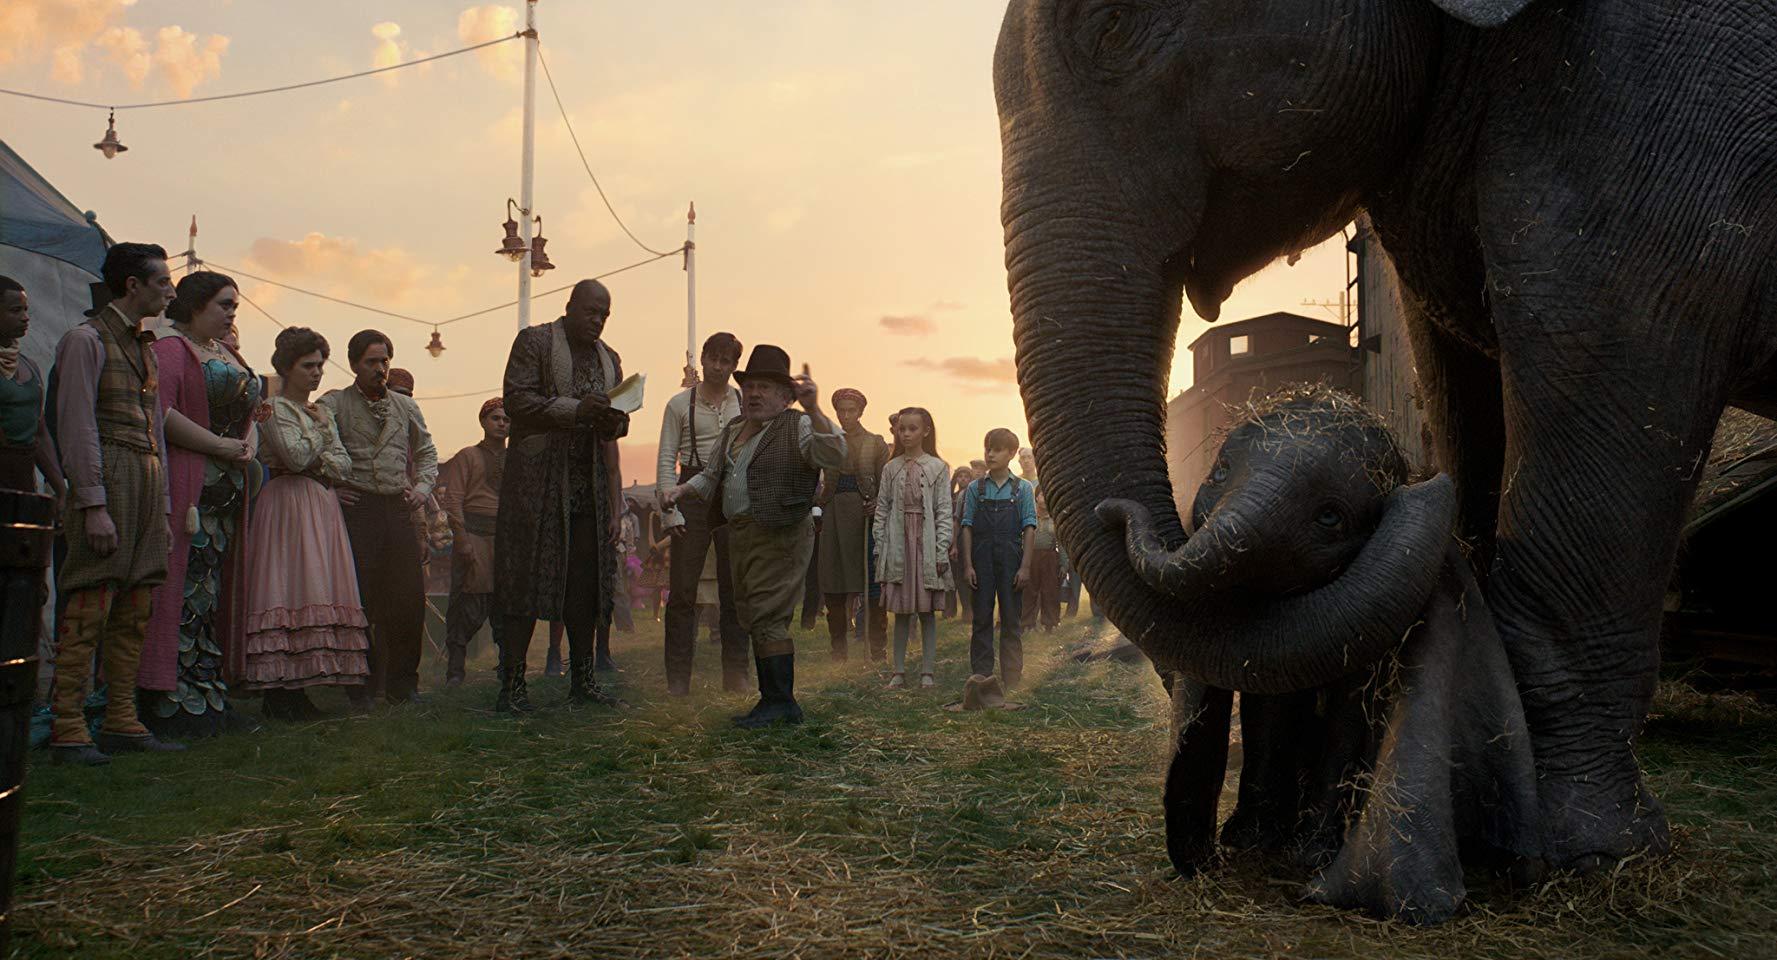 بررسی فیلم Dumbo